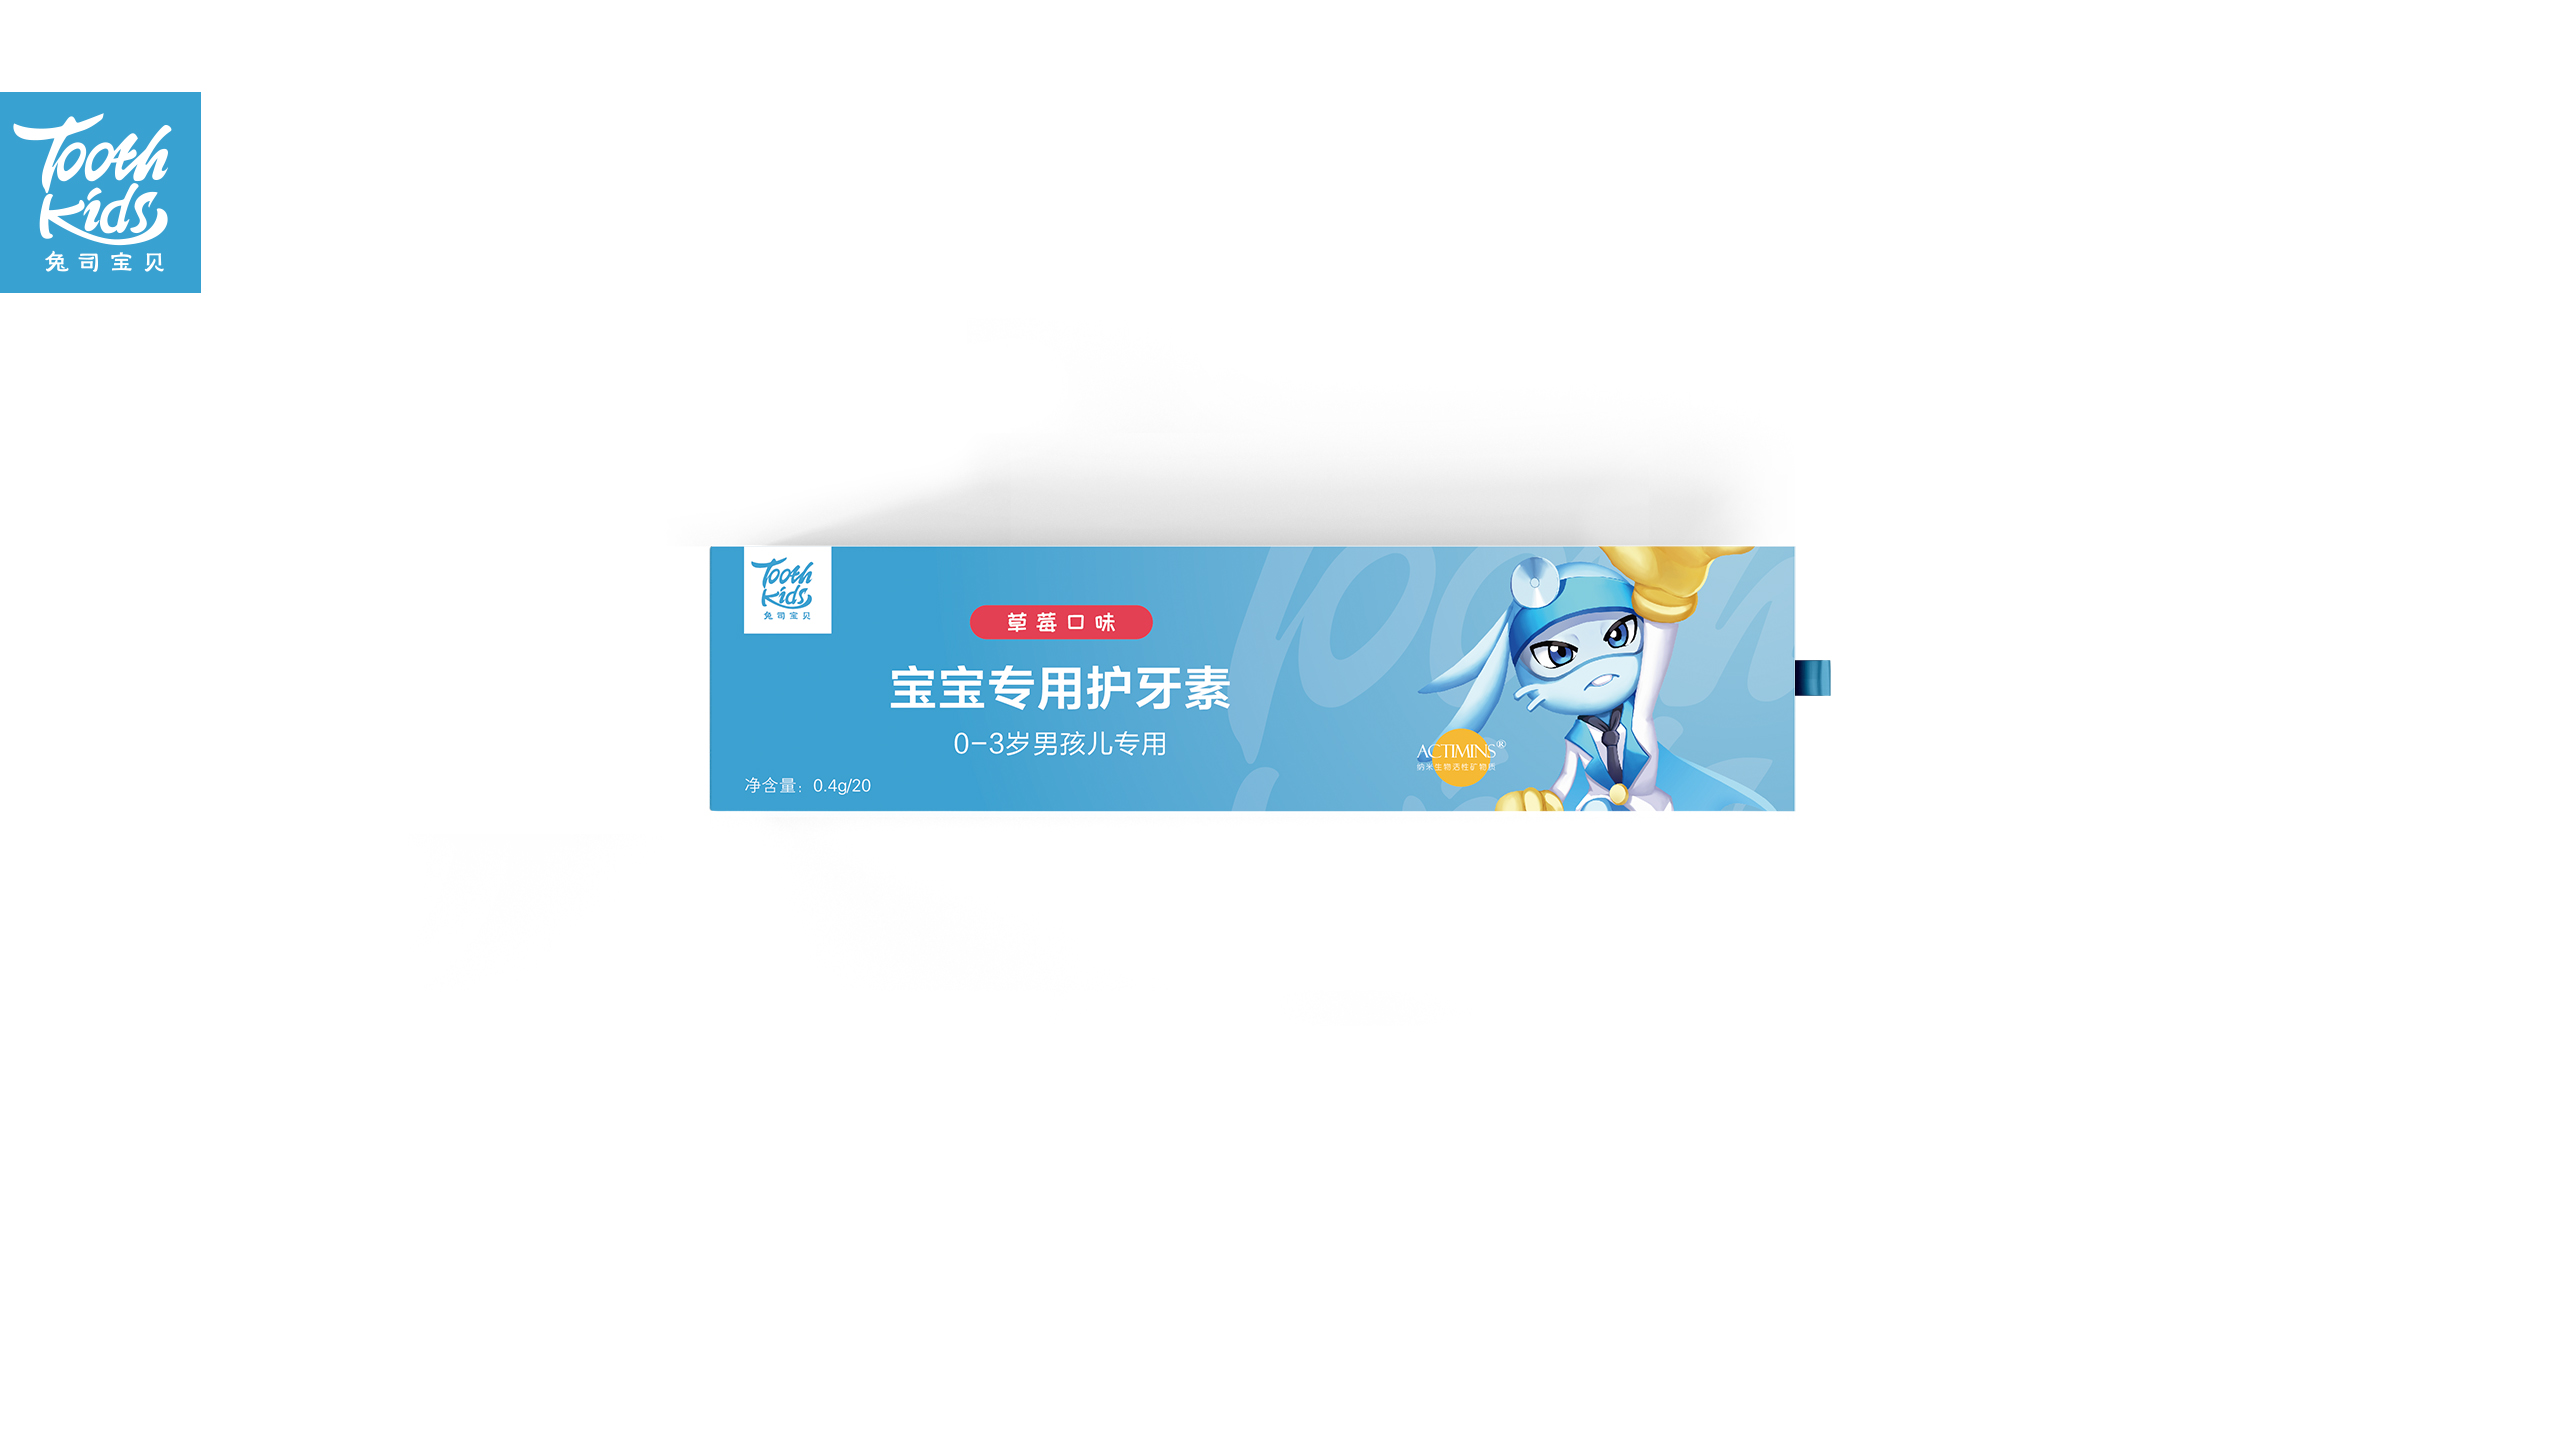 兔司宝贝儿童牙膏logo应用英超狼队球衣万博体育